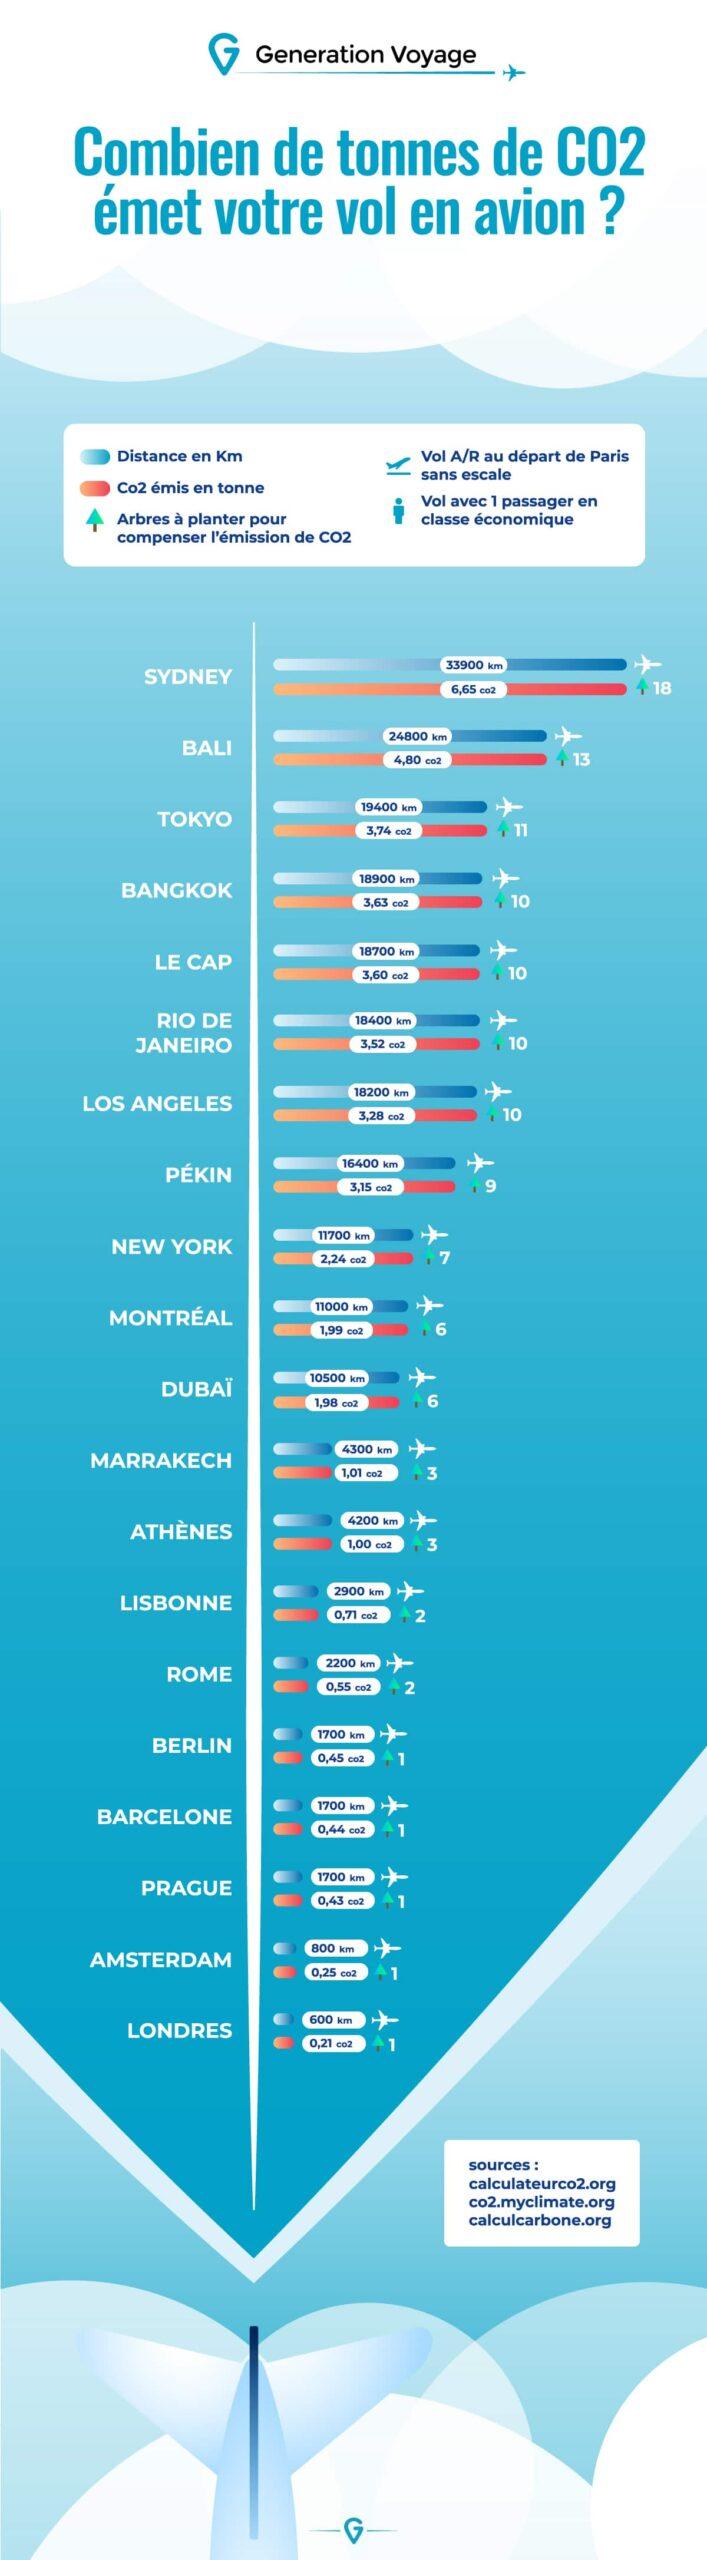 Infographie sur les émissions de CO2 en avion